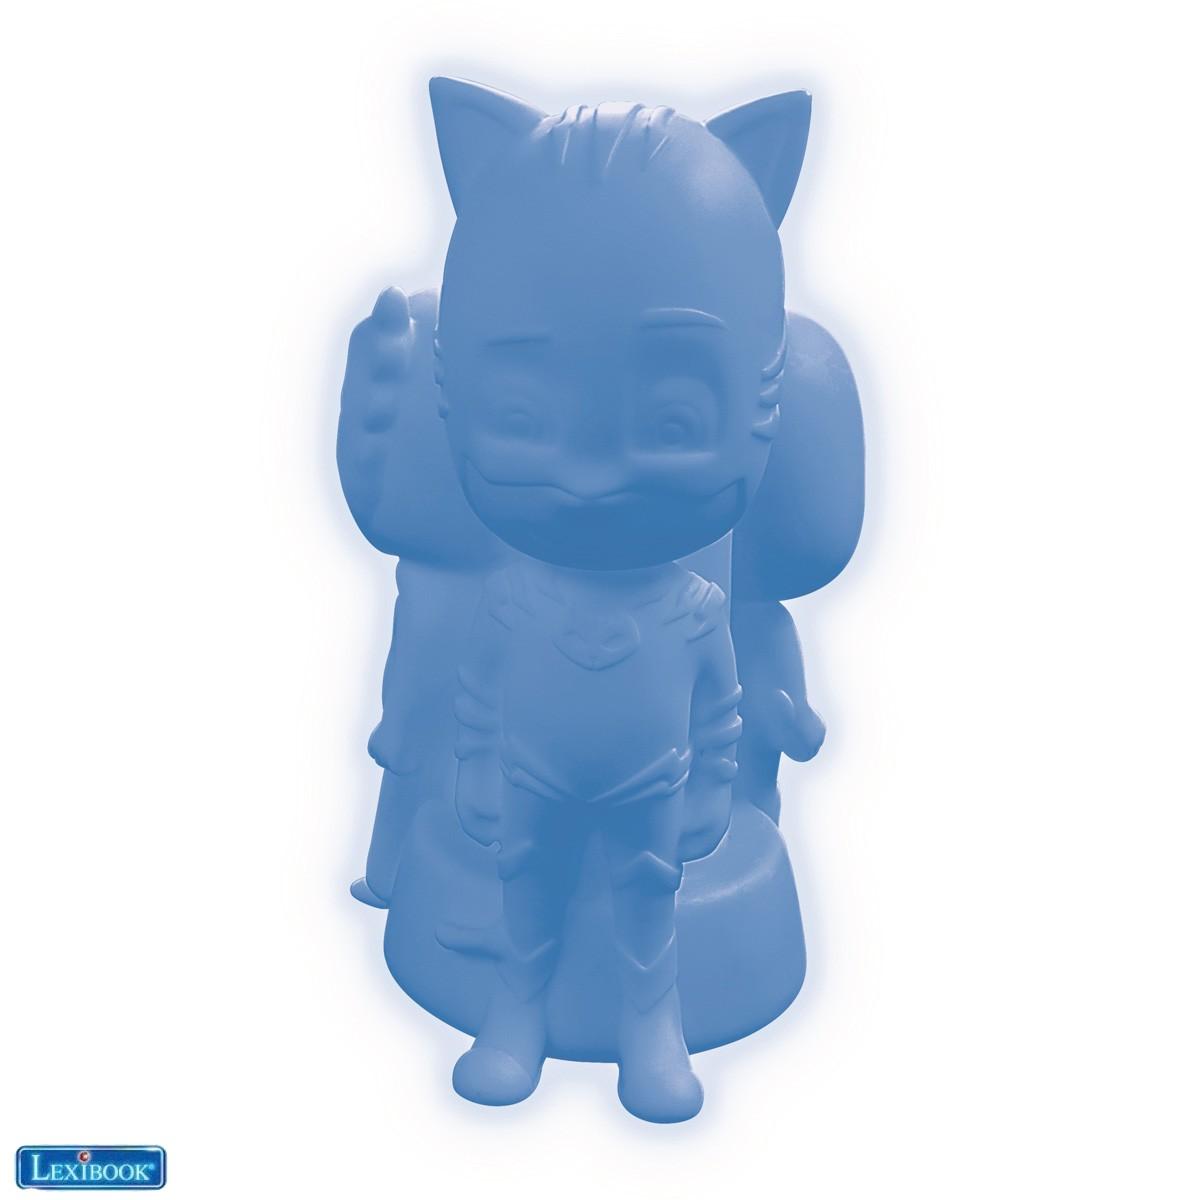 PJ Masks Catboy PJ Masks Light for kids room